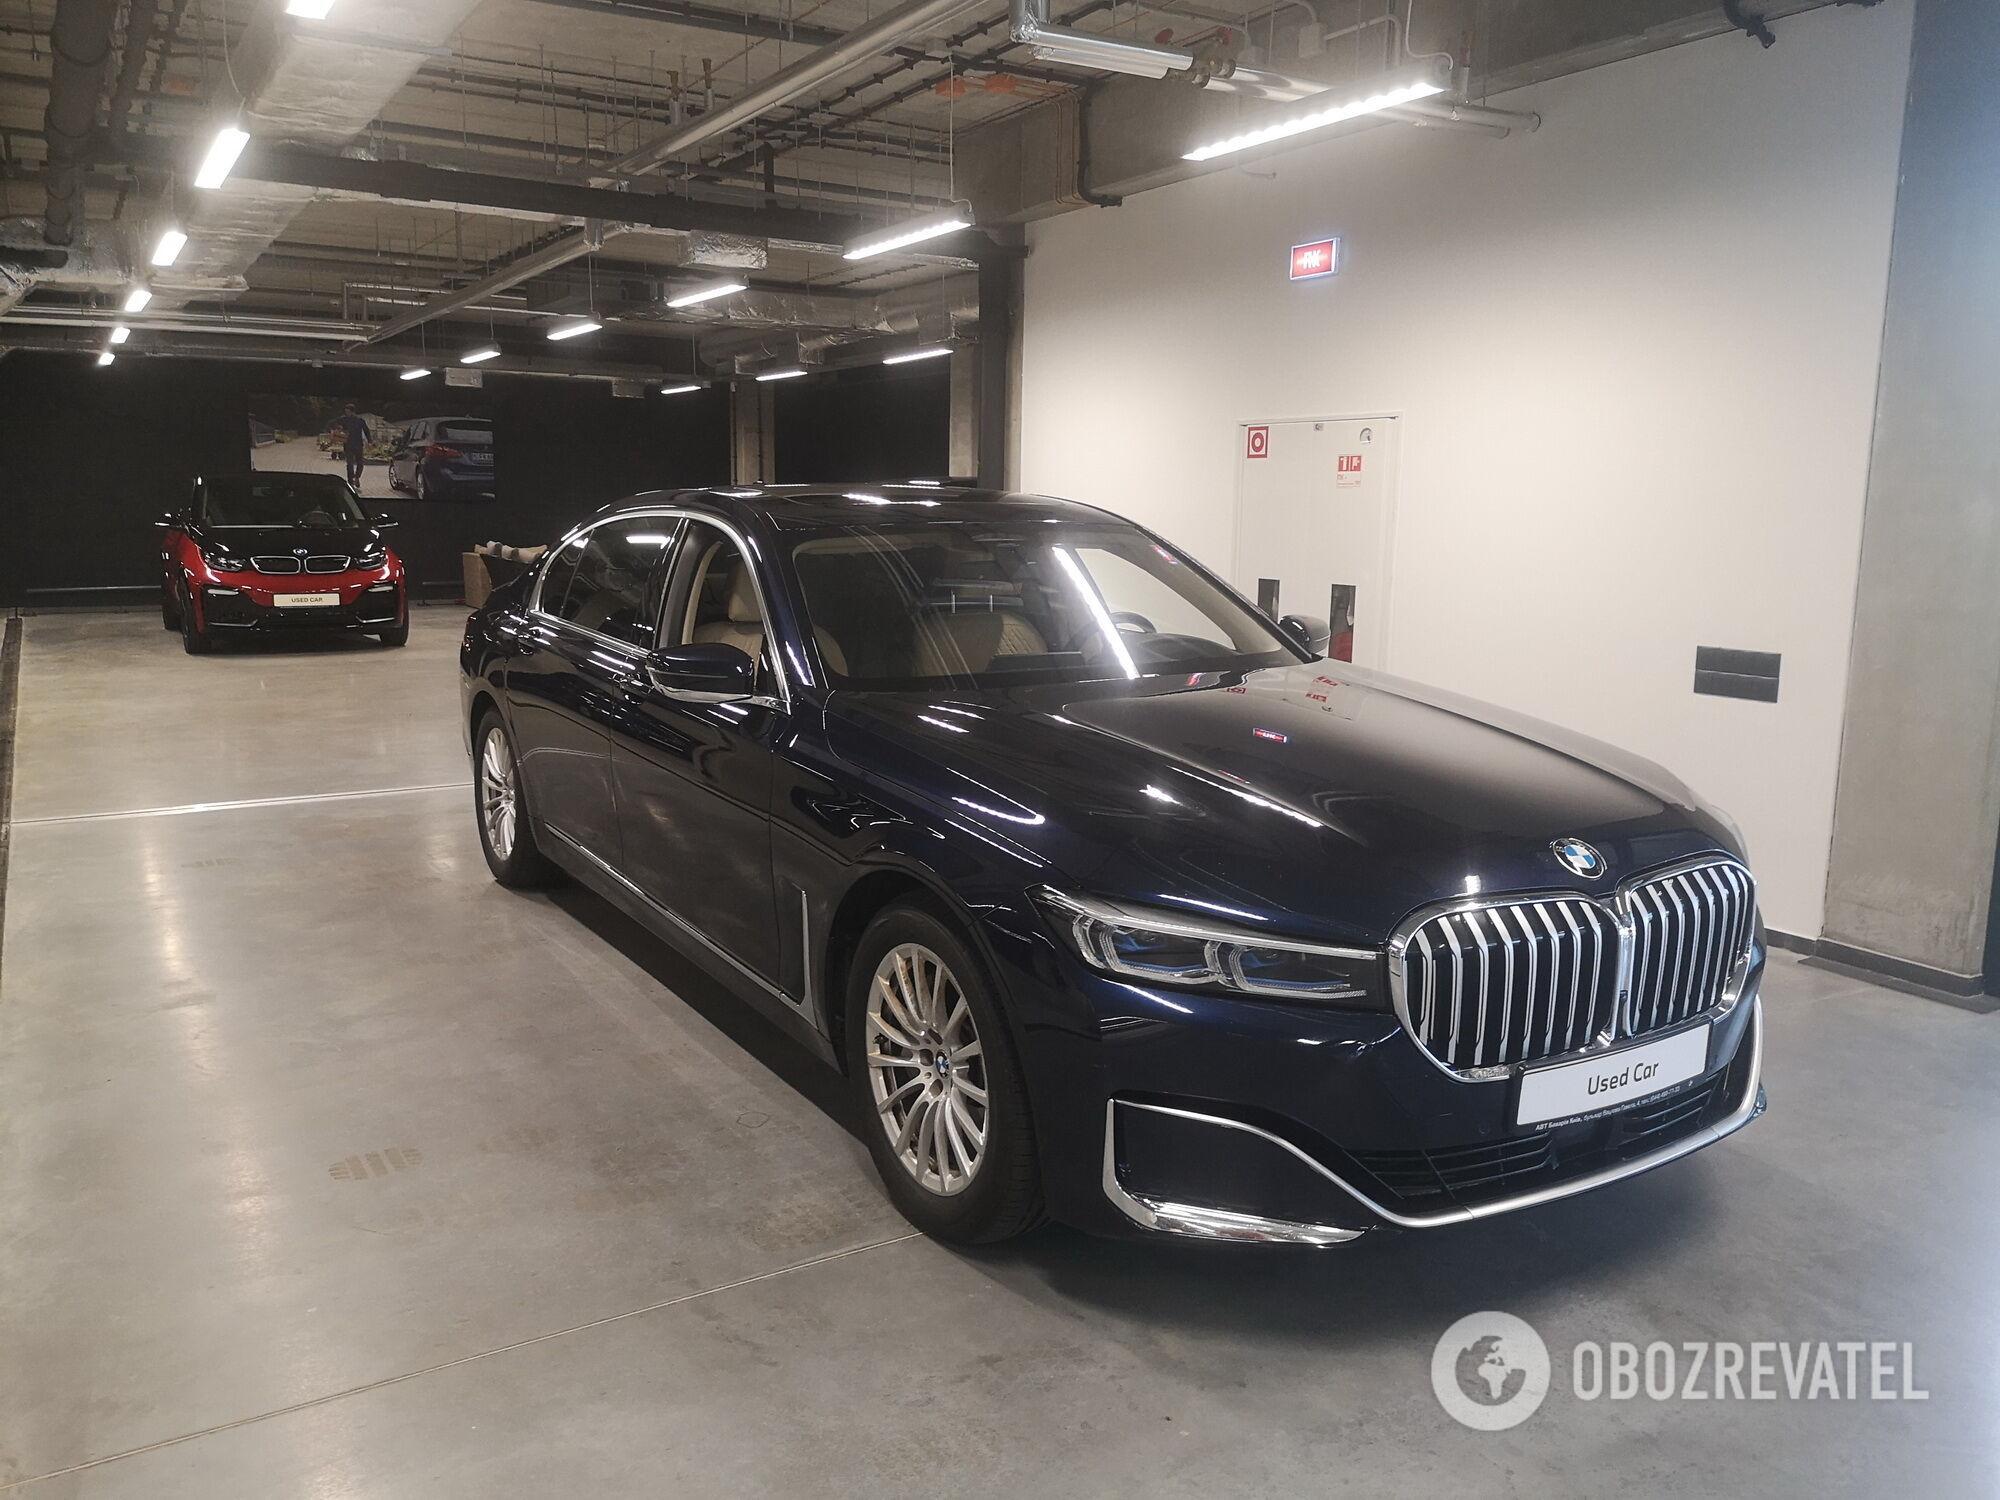 Все автомобили, предлагаемые по программе BMW Premium Selection, имеют полную сервисную историю